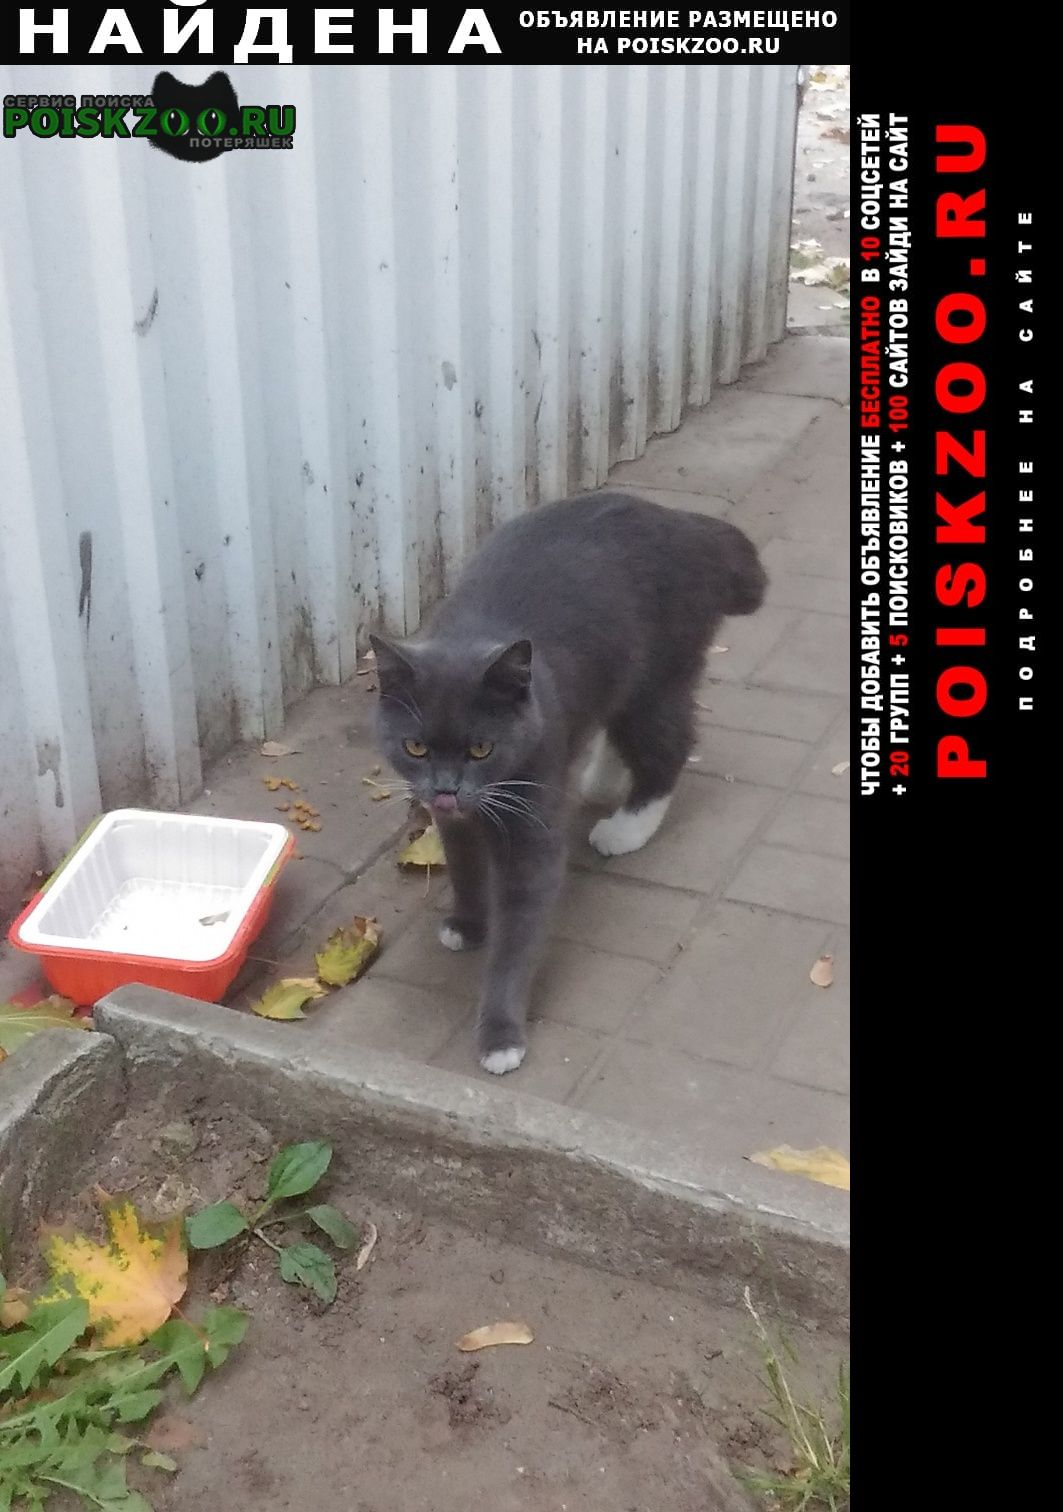 Найдена кошка дымчатая с обрубленным хвостом Белозёрский